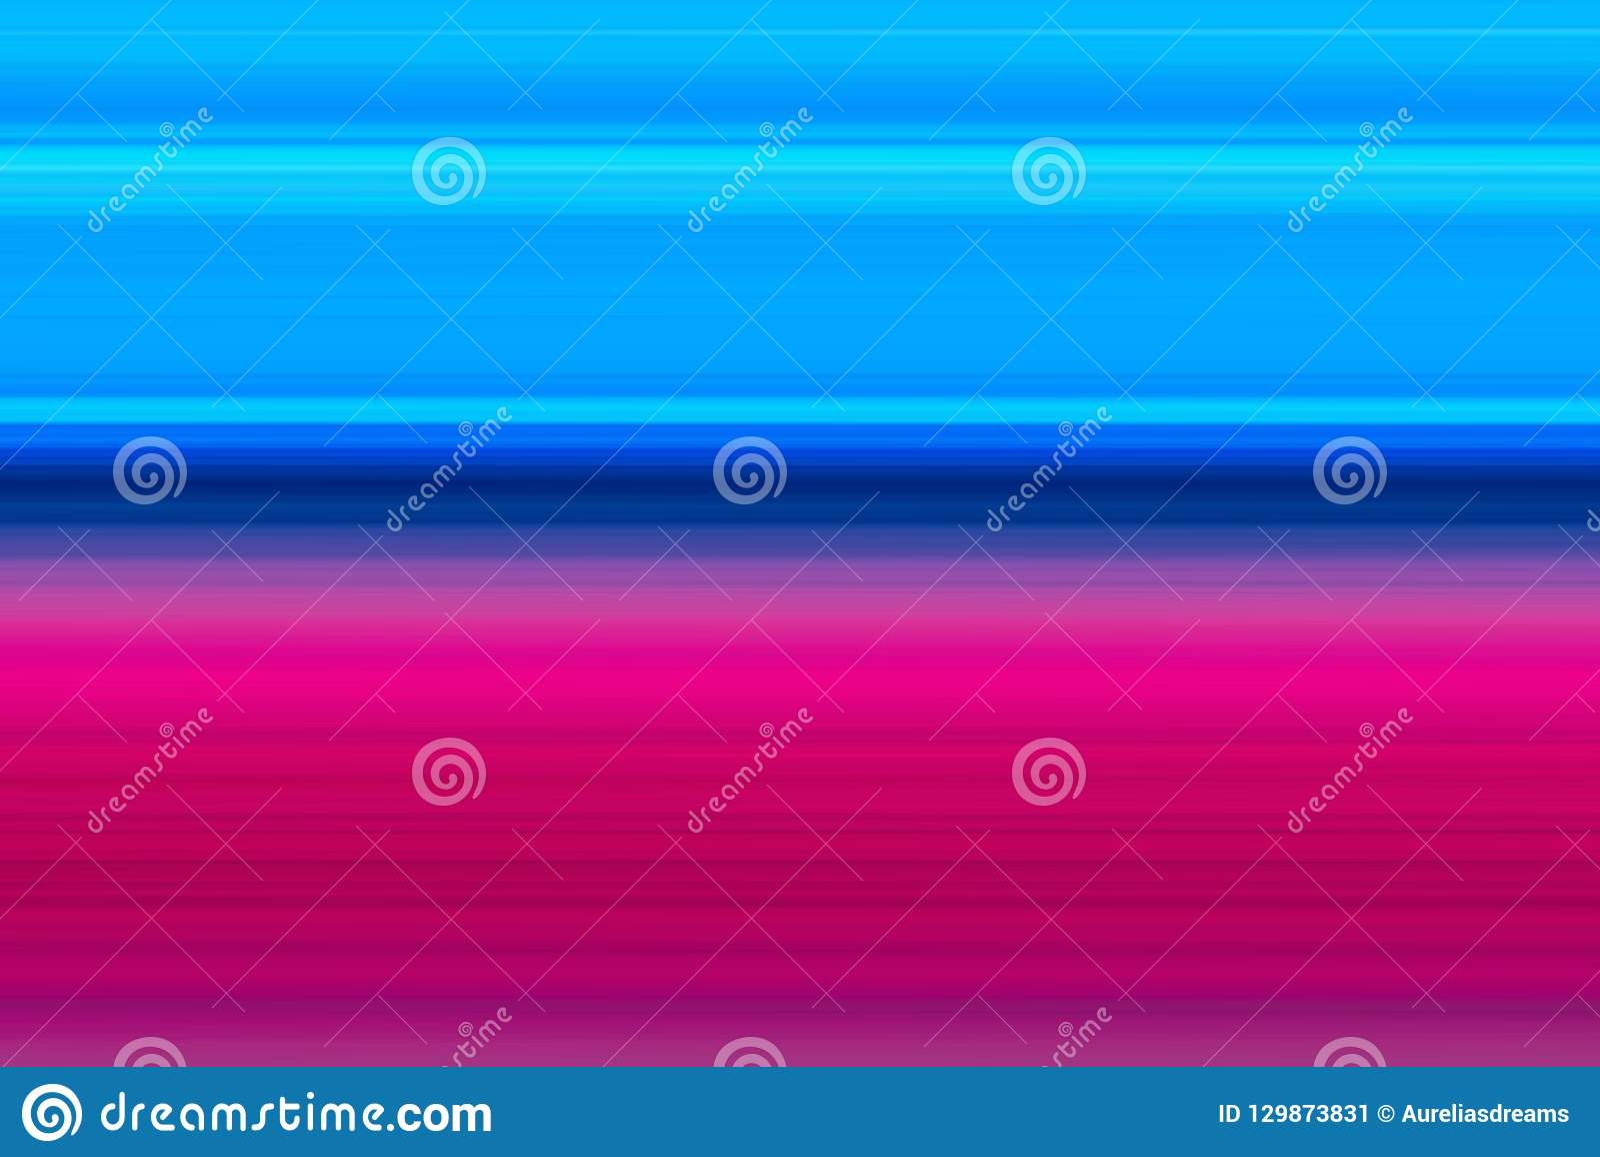 Linhas horizontais brilhantes fundo do sumário olorful do ¡ de Ð, textura em tons do verão